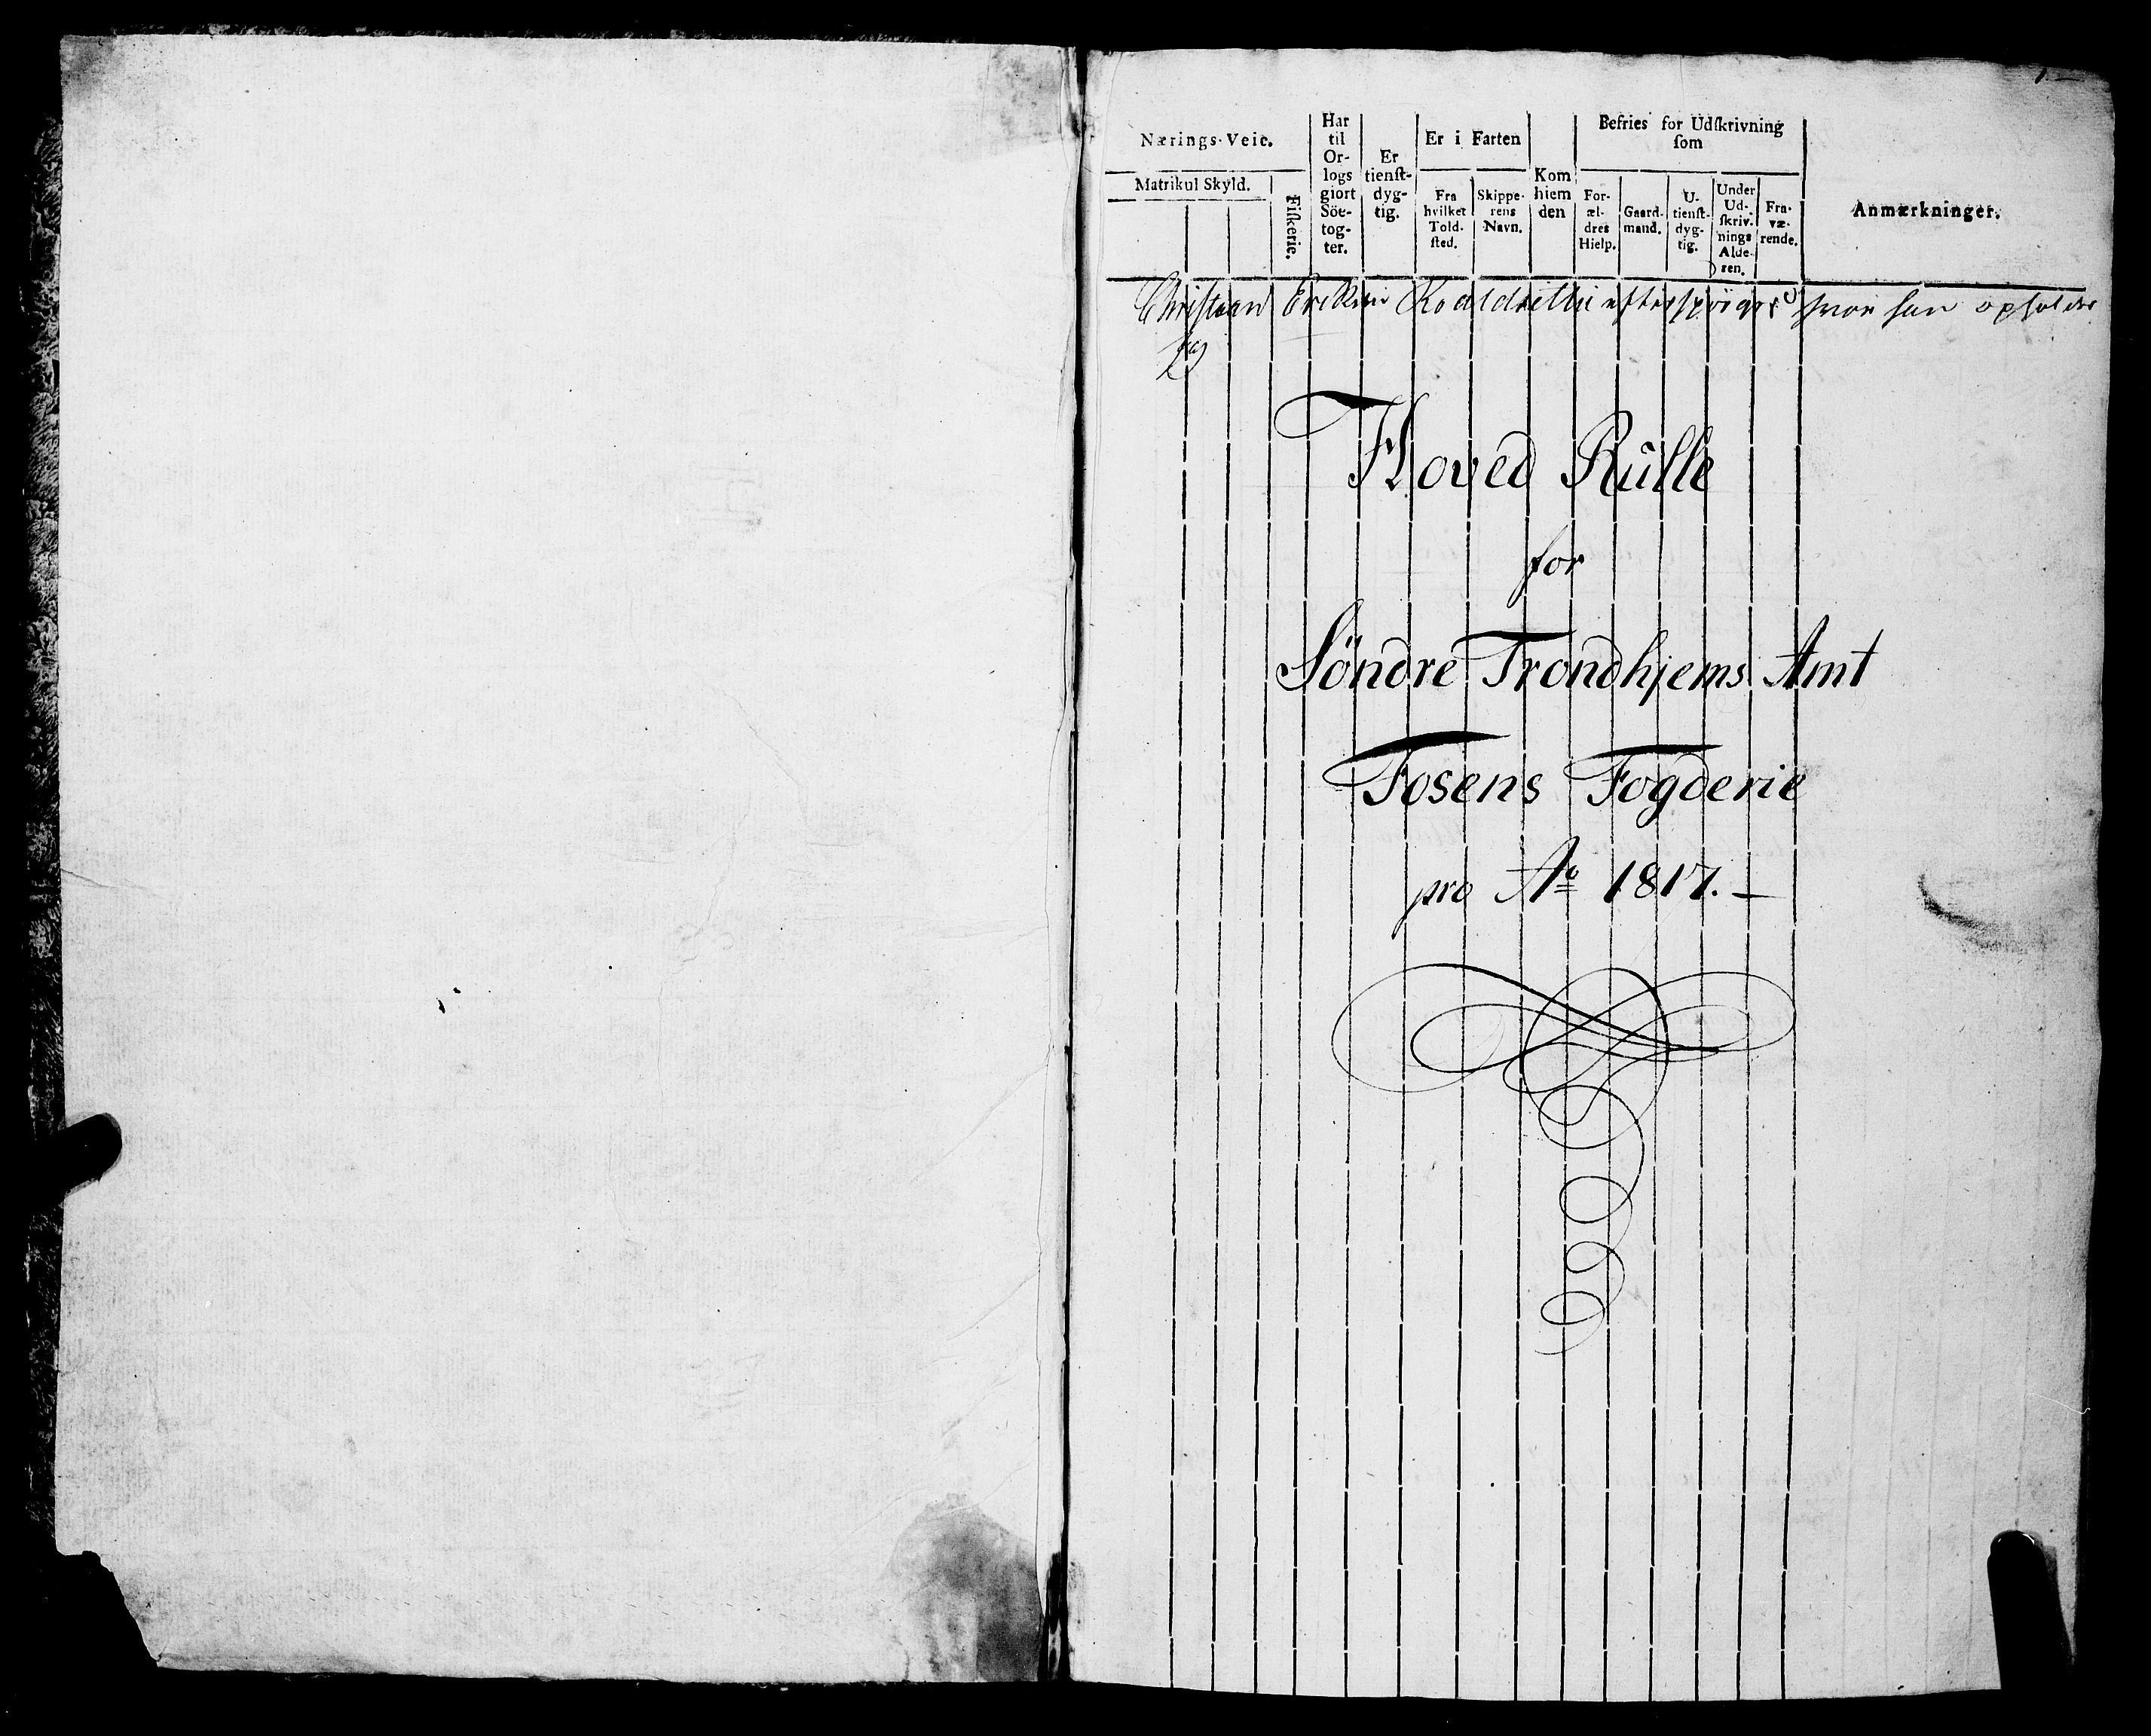 SAT, Sjøinnrulleringen - Trondhjemske distrikt, 01/L0315: --, 1817